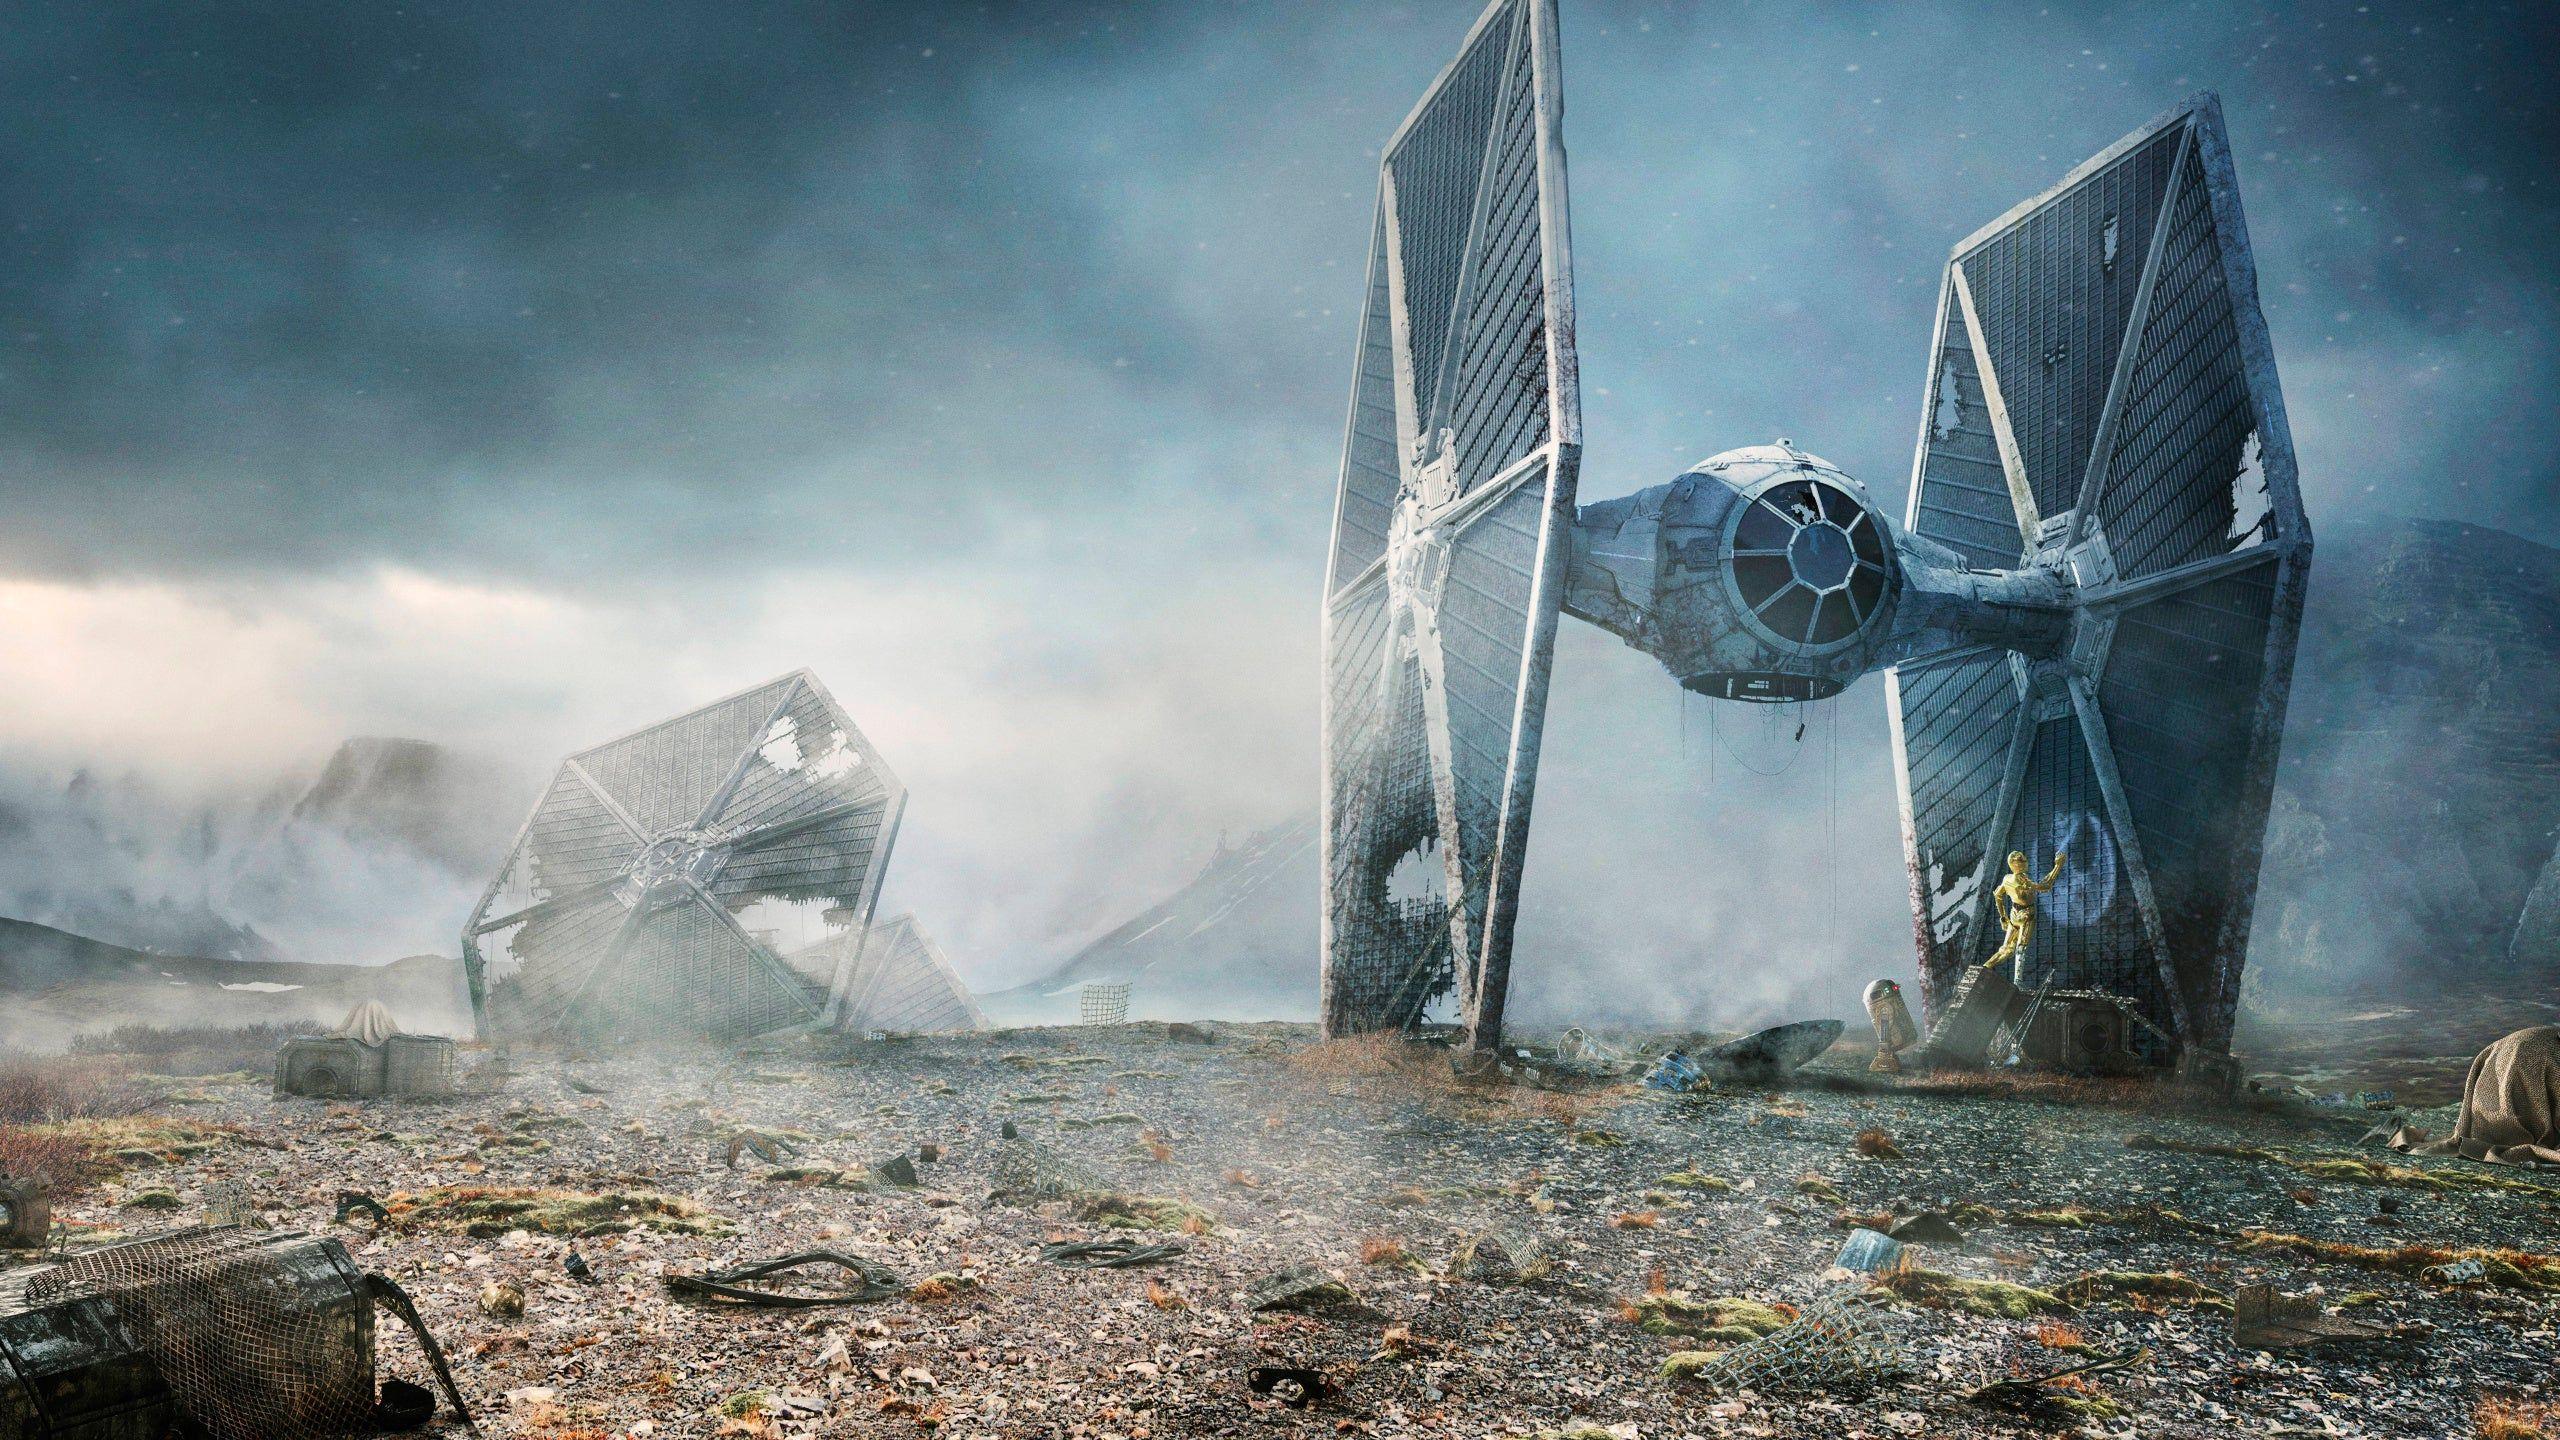 Star Wars Ipad Wallpaper 4k